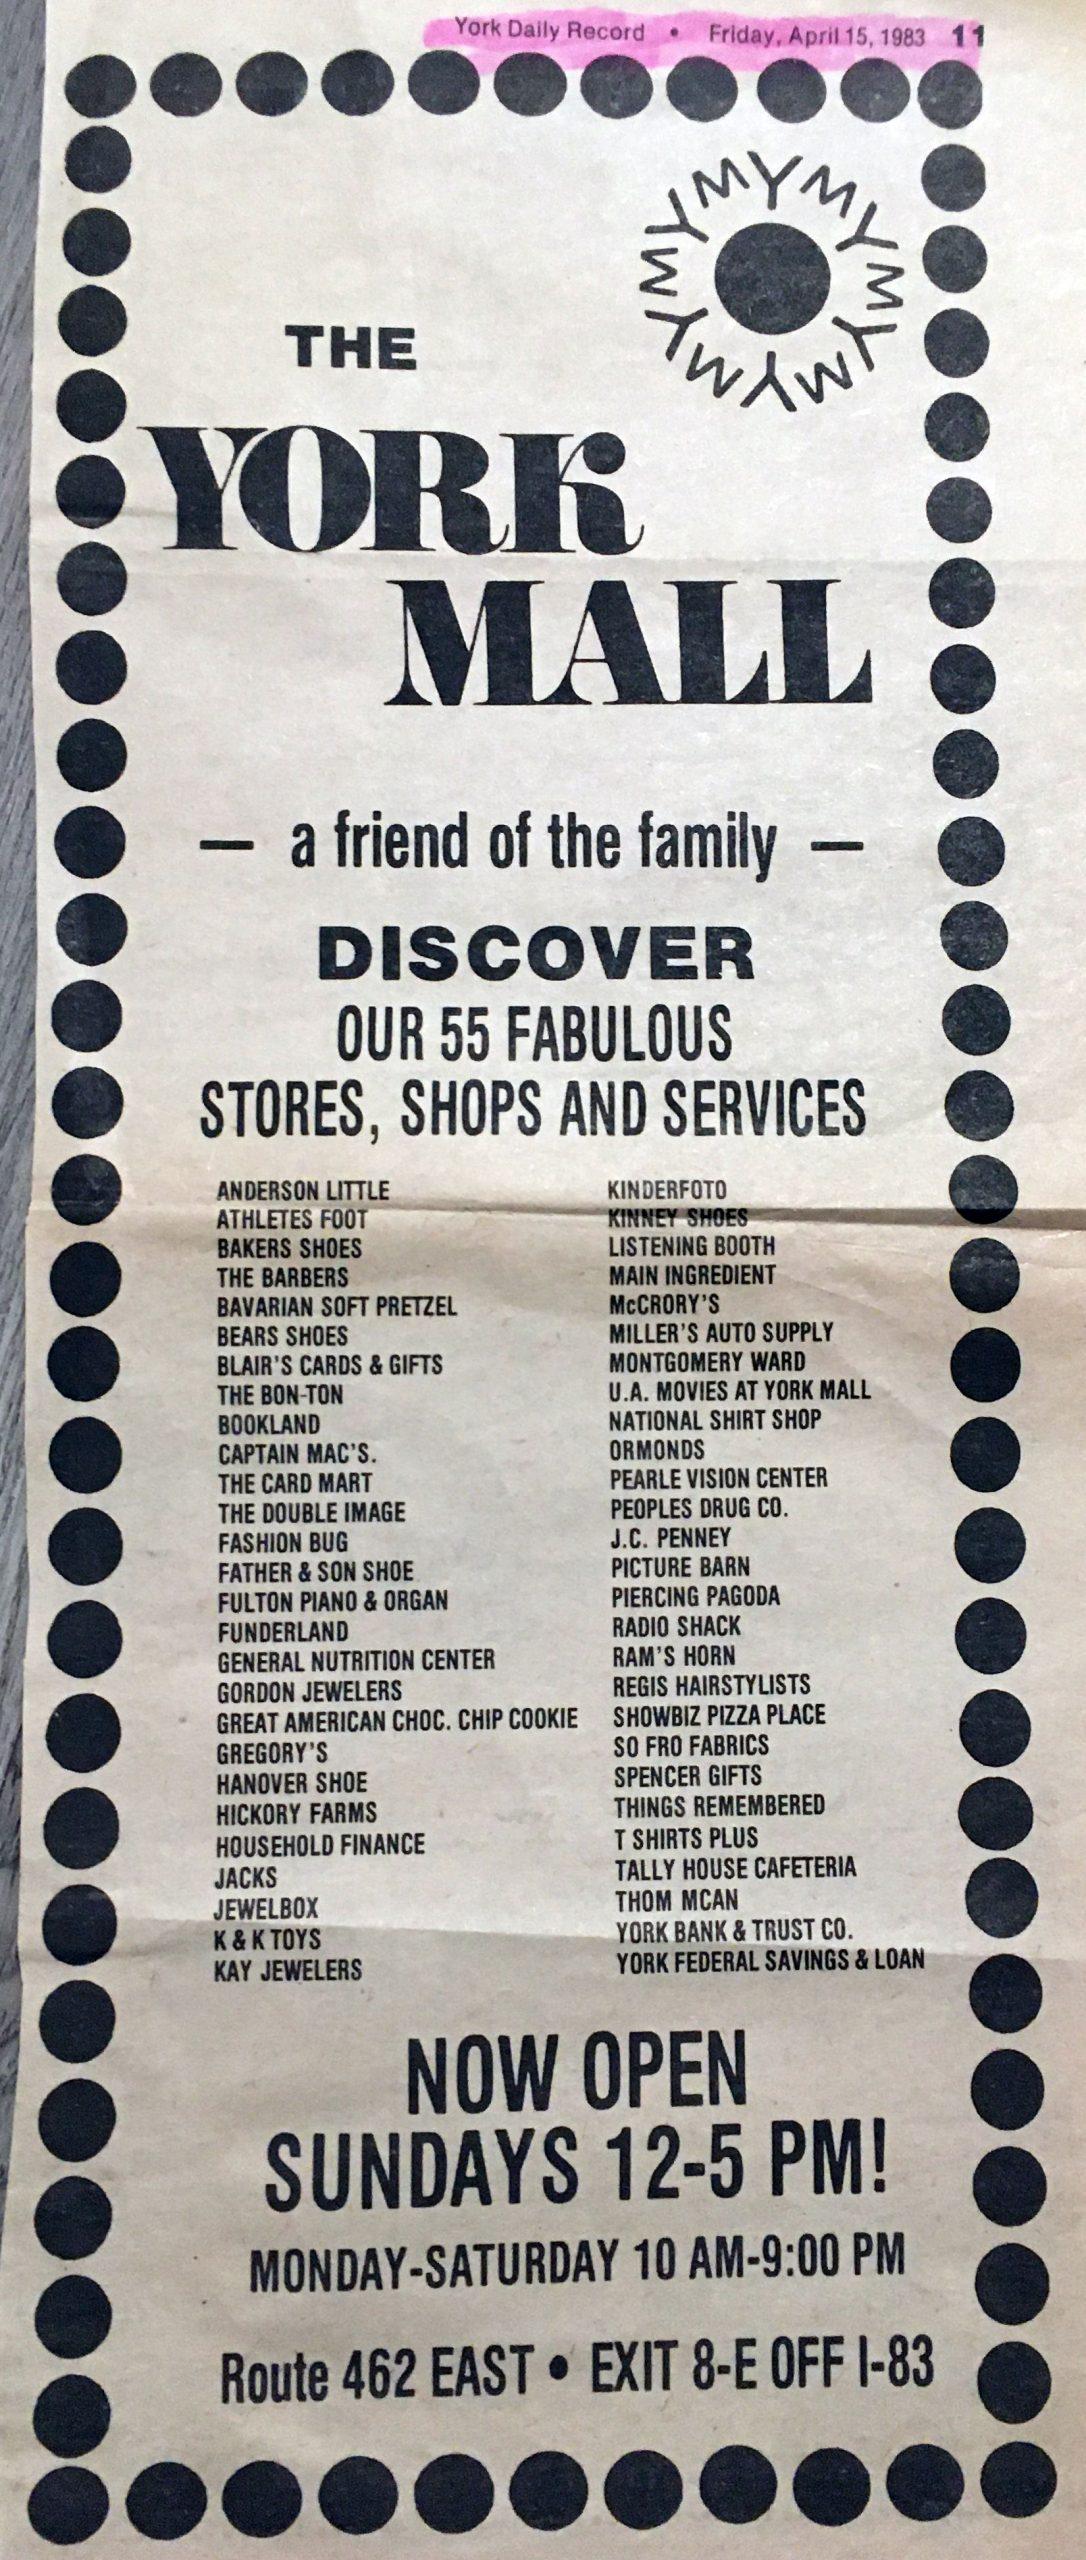 Ask Joan: York Mall memories, pest